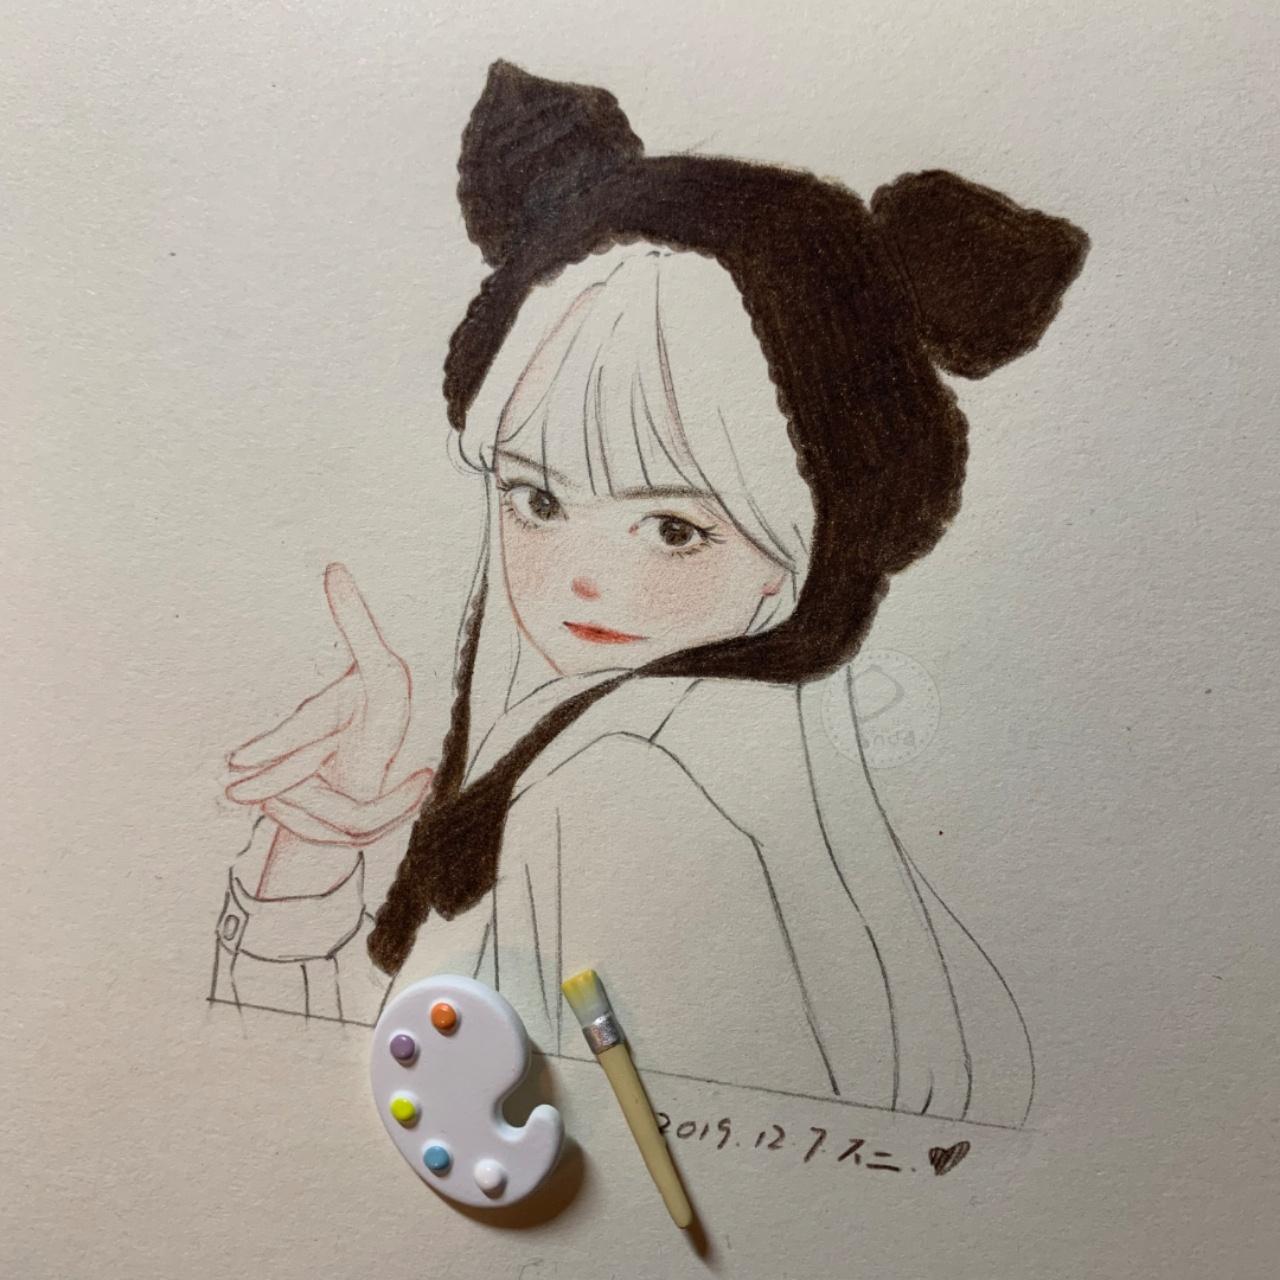 水彩少女线稿手绘卡通插画彩铅绘画教程元气少女瞄准你图片